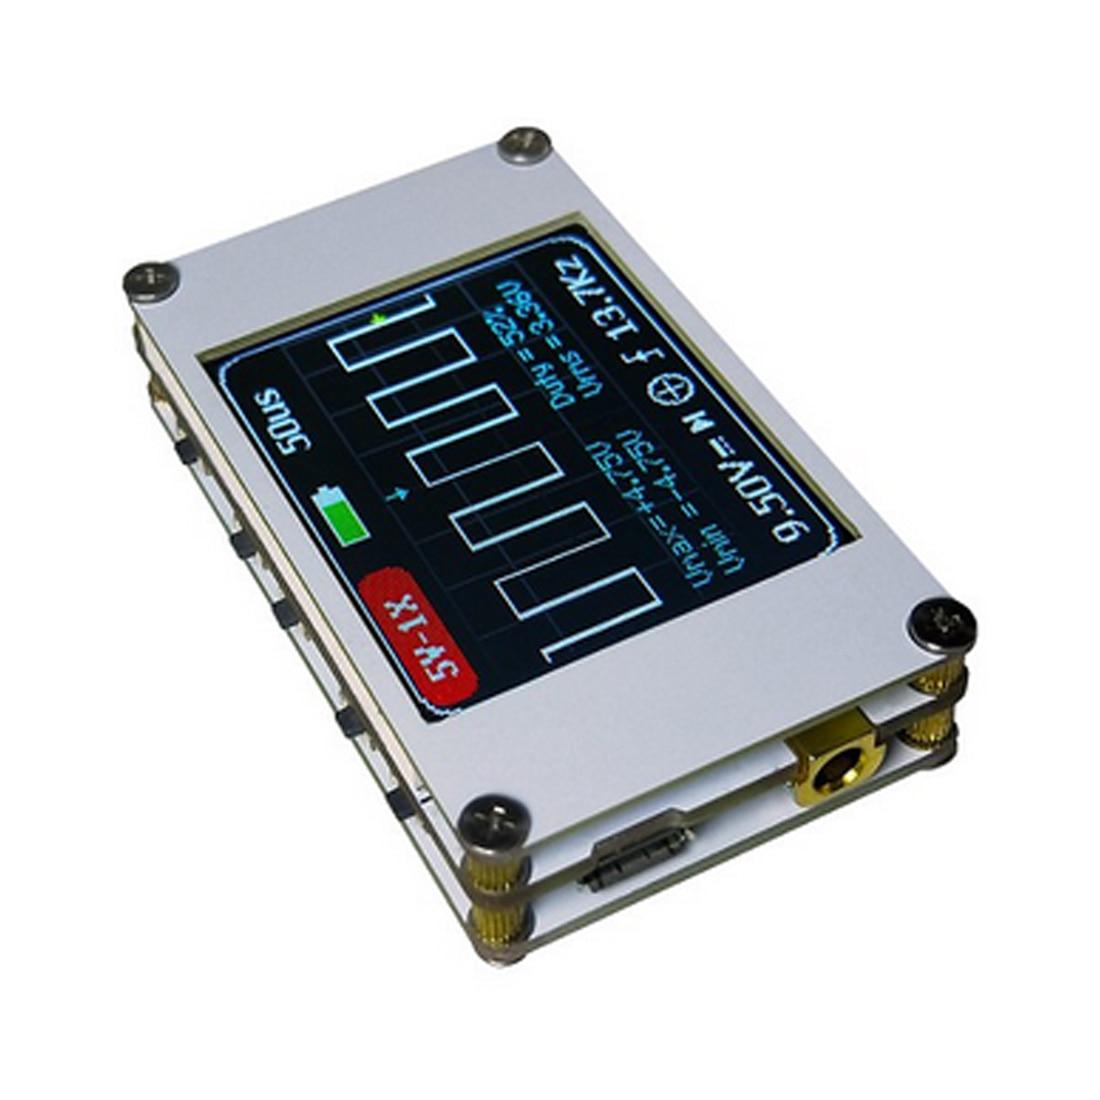 1 m Bande Passante 5 m Taux D'échantillonnage Numérique Oscilloscope Kit Mini Poche Portable Ultra-petit Oscilloscope Numérique De Poche